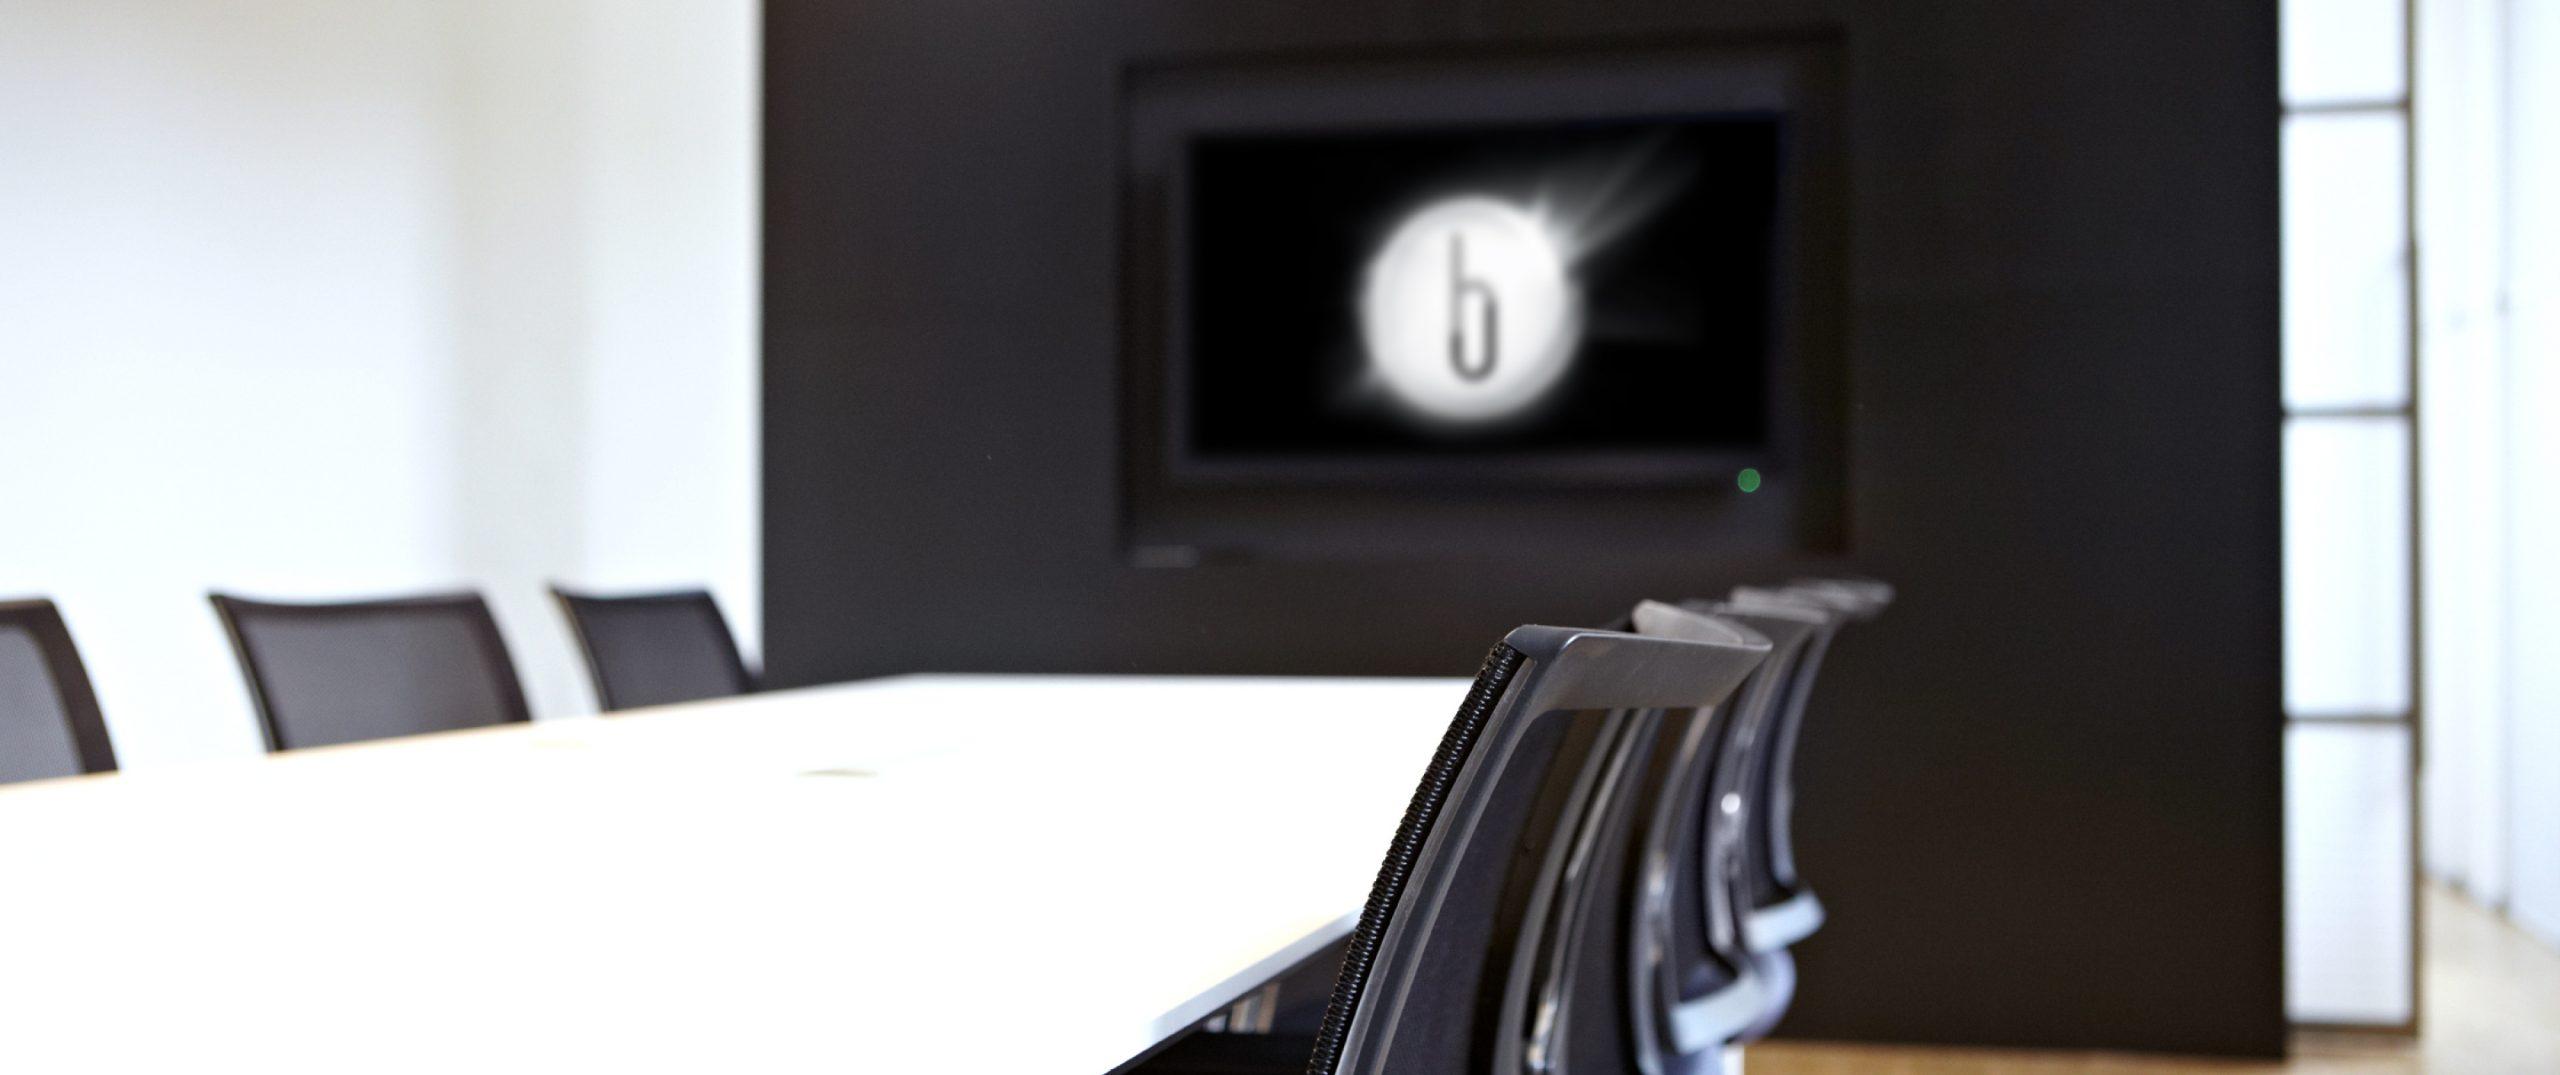 Konferenzraum mit Bosbach-Logo auf dem Monitor